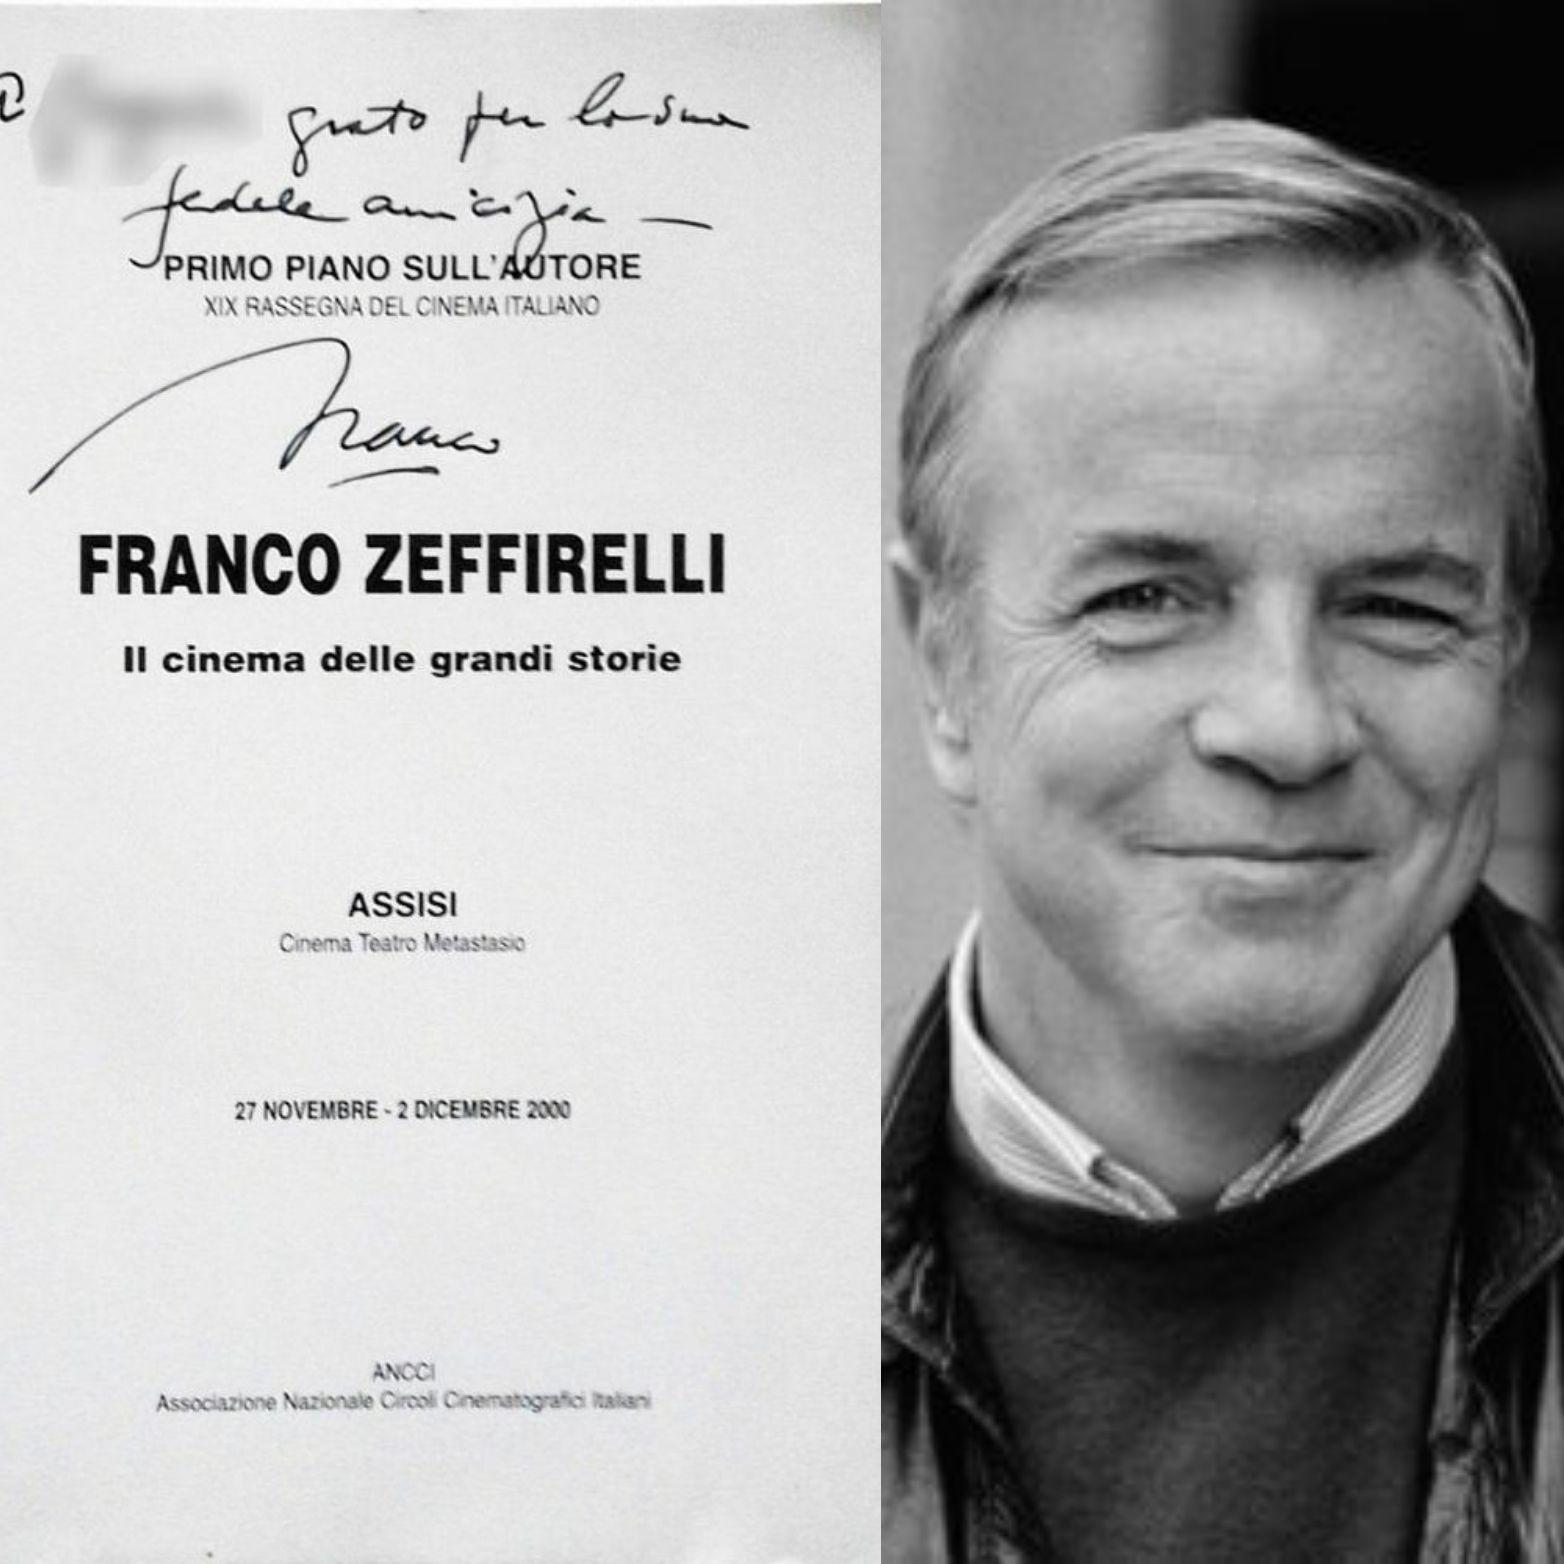 …su eBay c'è un libro autografato dal regista Franco Zeffirelli a 50€